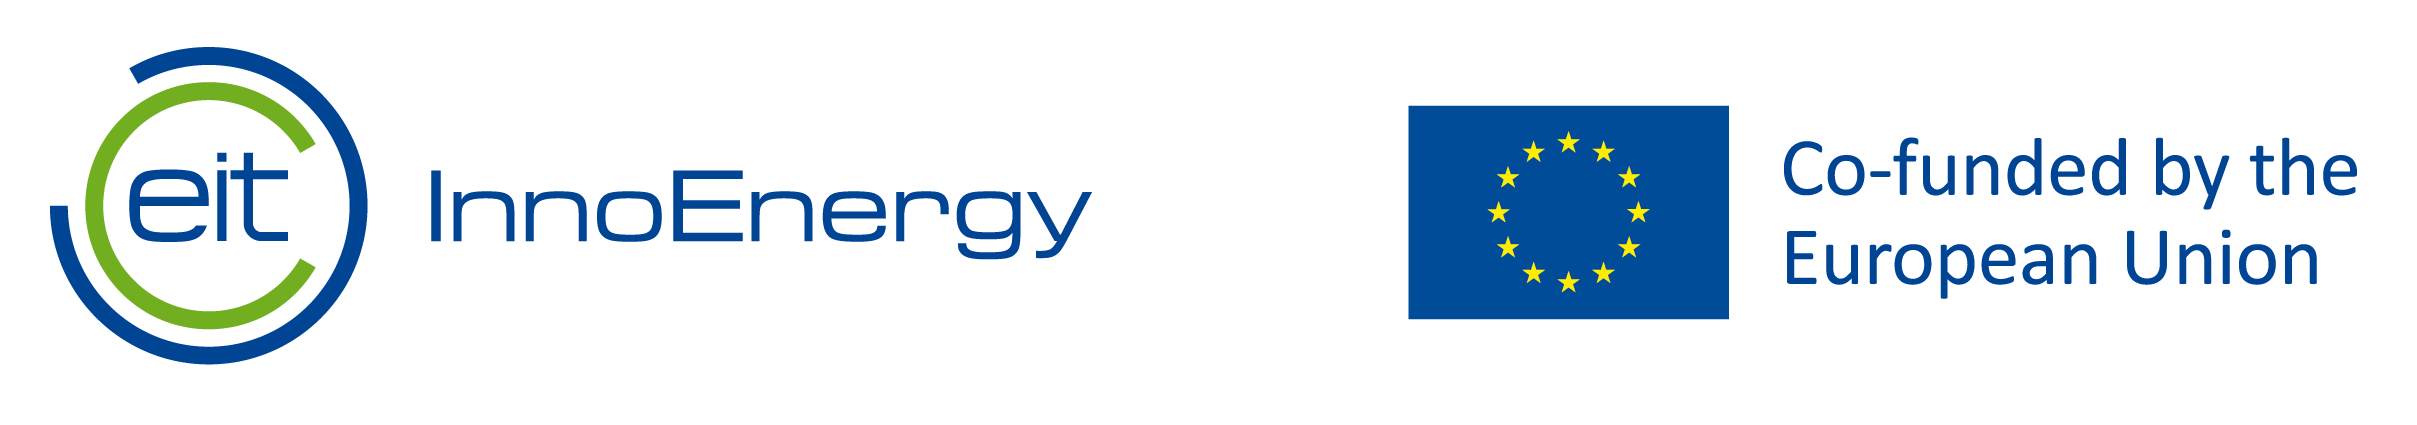 CommUnity by EIT InnoEnergy logo